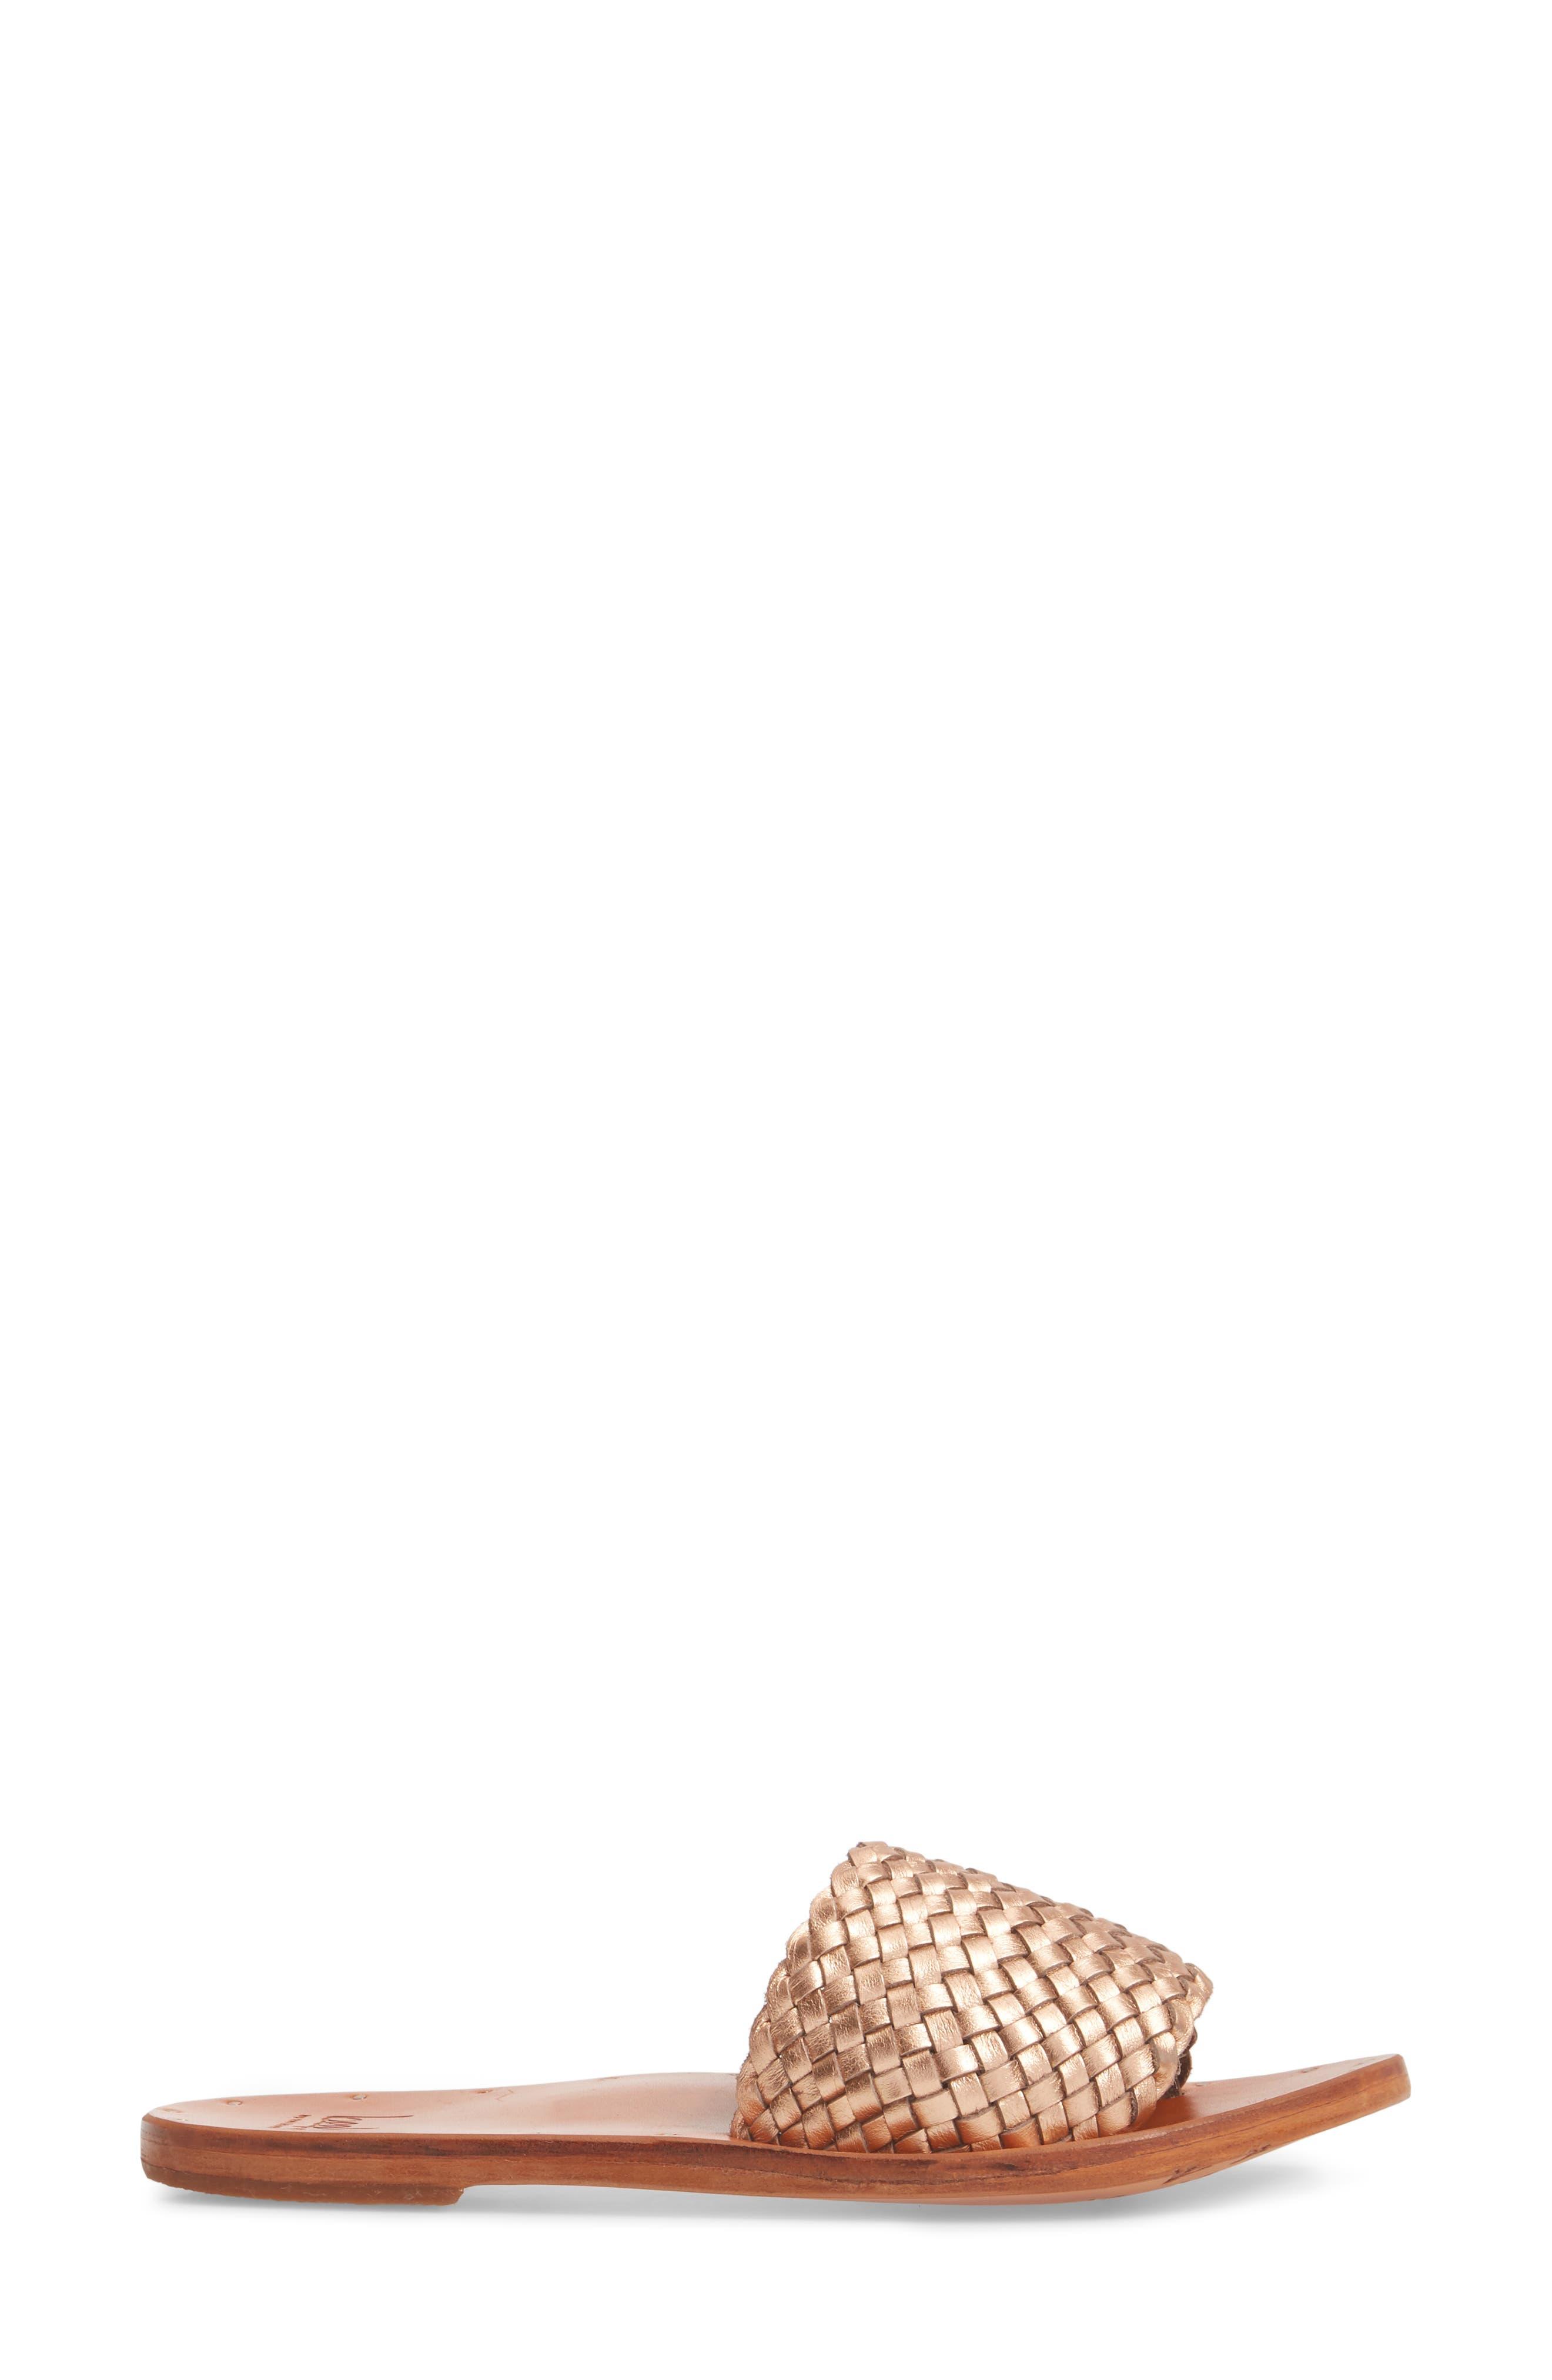 Osprey Woven Slide Sandal,                             Alternate thumbnail 3, color,                             710